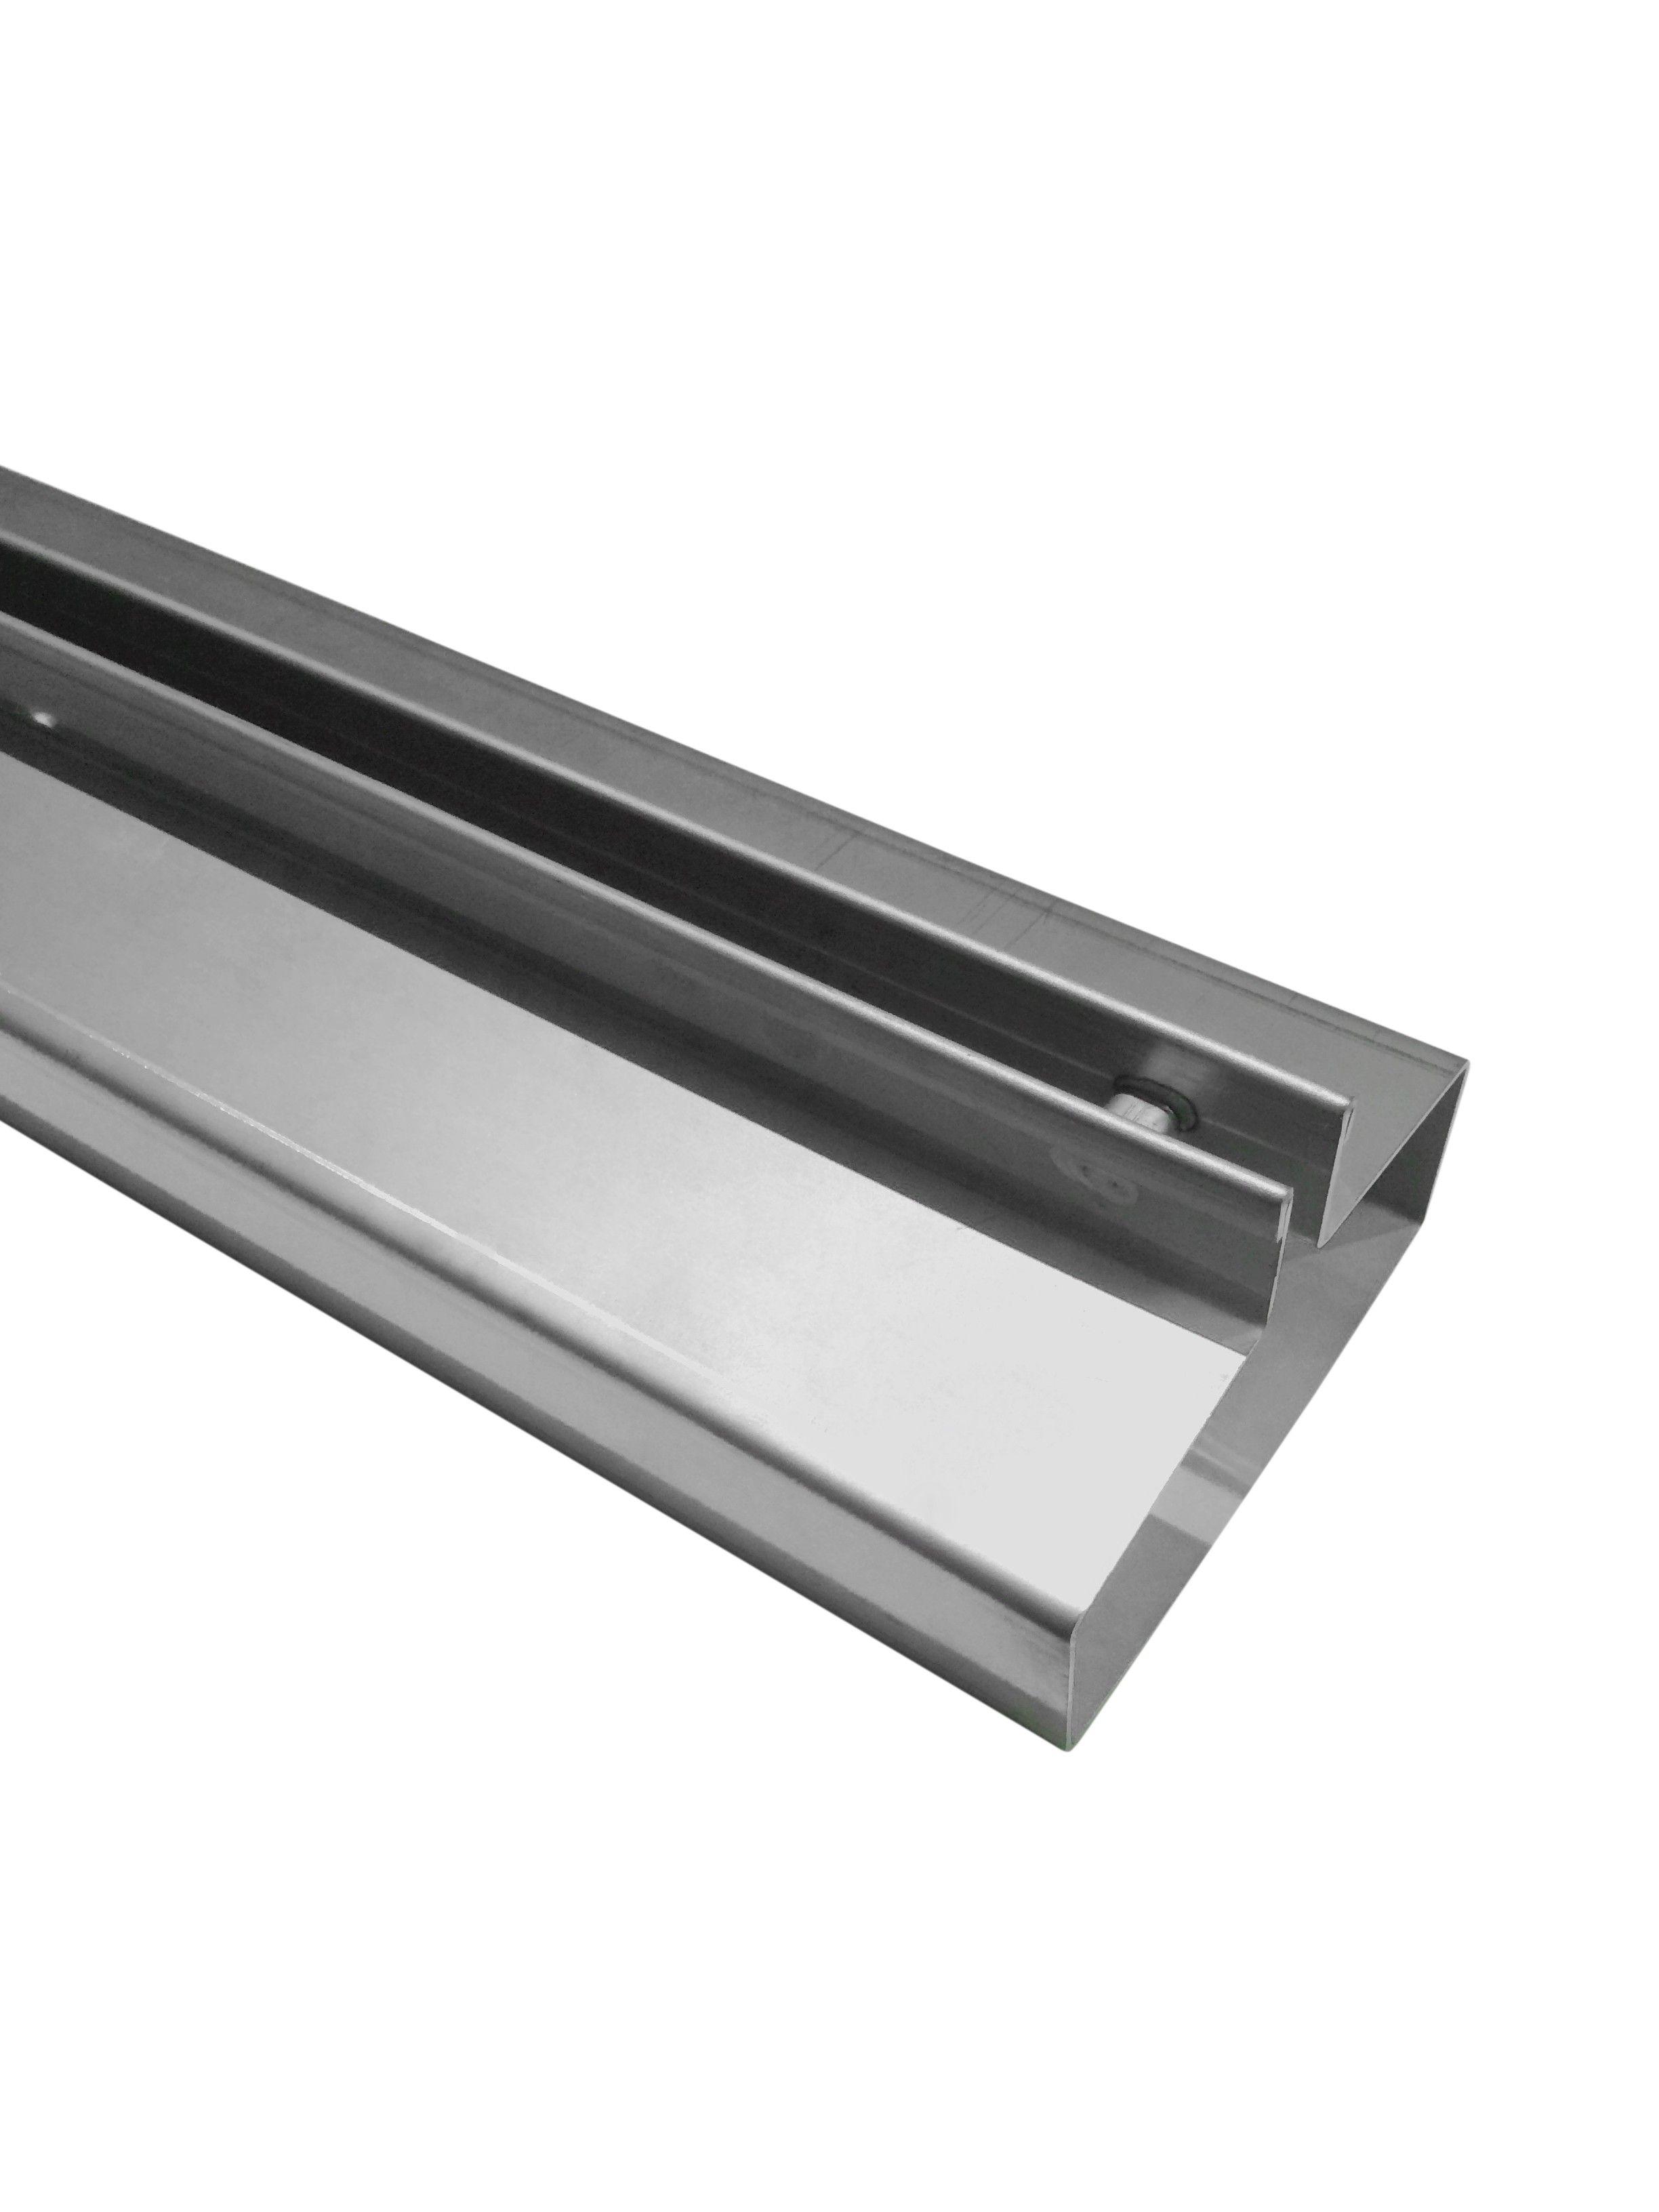 Small Floor Waste In 2019 Shower Door Design Ideas